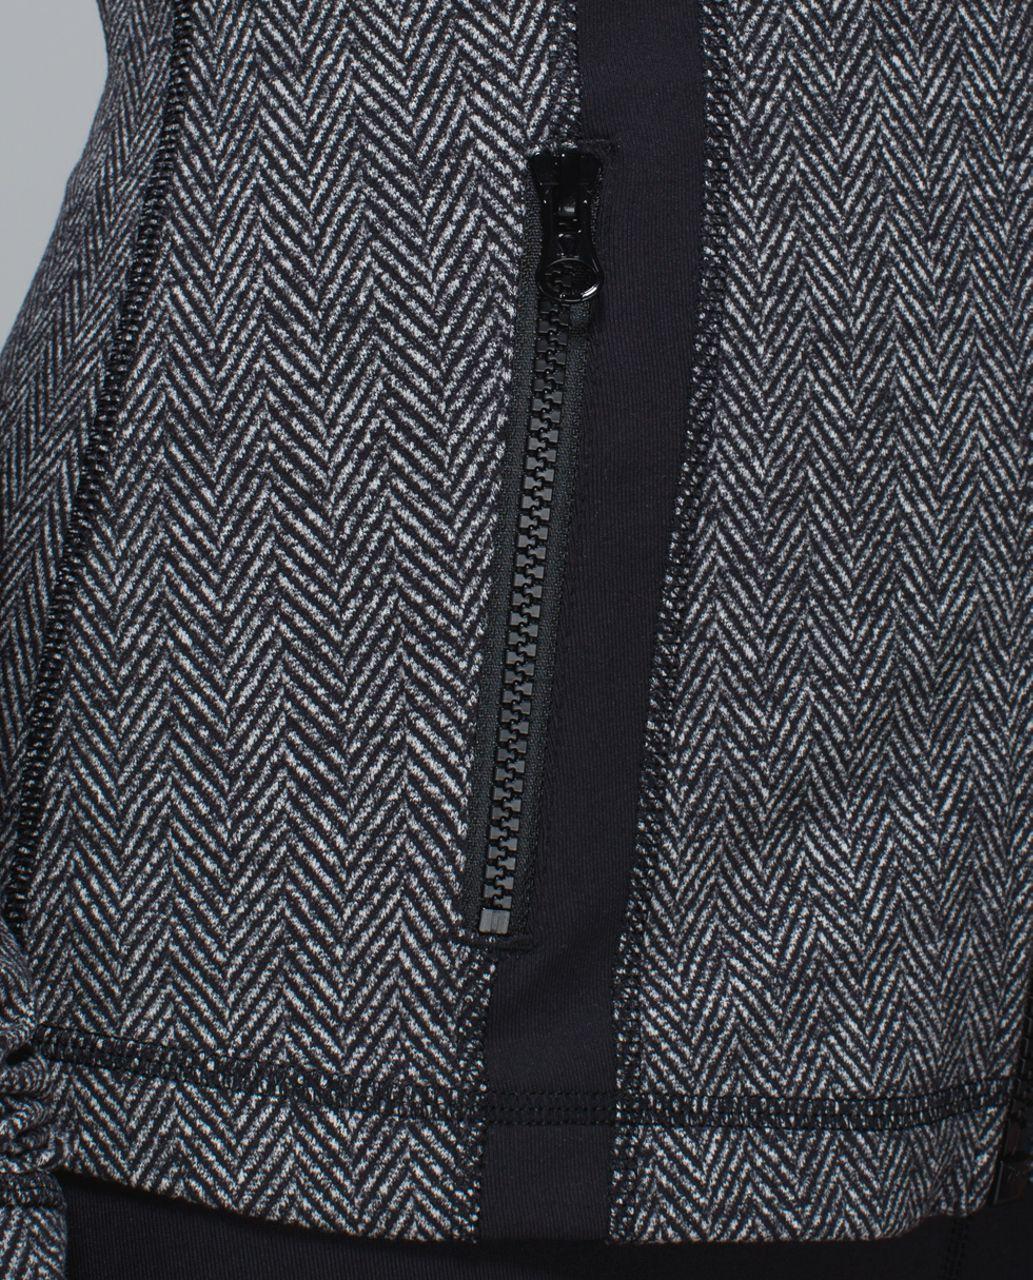 Lululemon Define Jacket - Giant Herringbone Black Heathered Black / Black